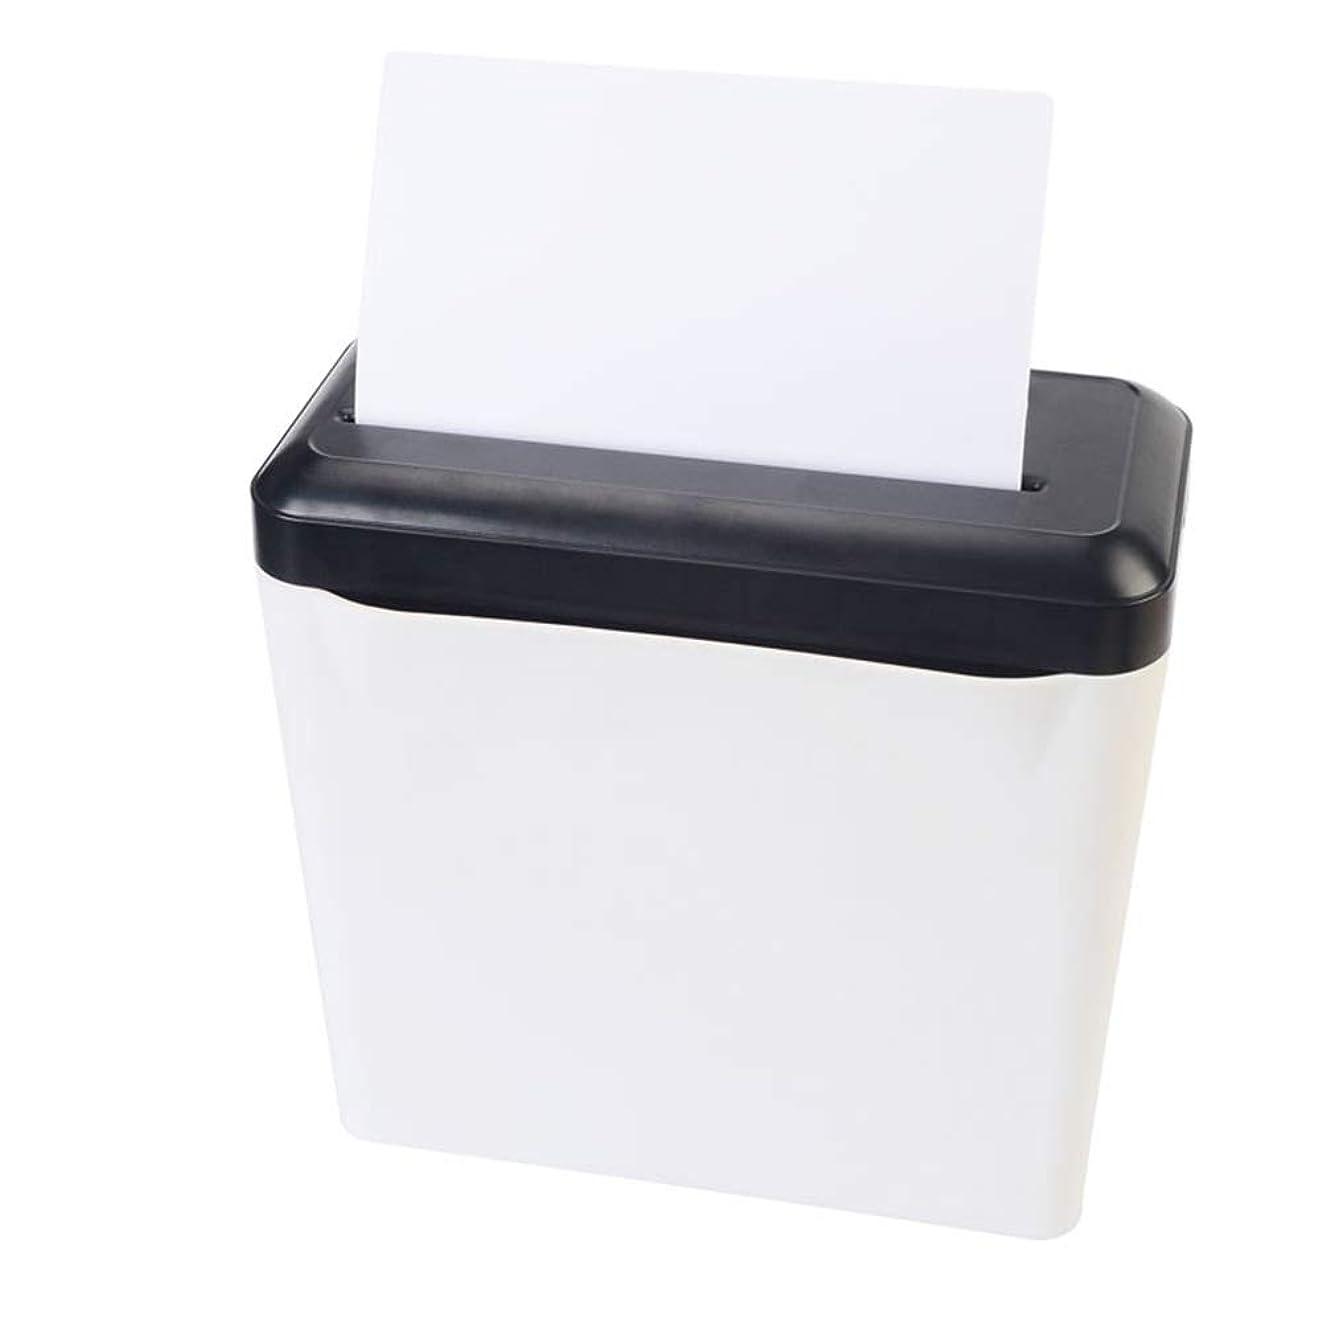 ピーク払い戻し薄い安全で操作が簡単 ミニシュレッダーオフィス商業小さなドキュメント?ペーパー粒子の電気シュレッダーポータブル (色 : White, Size : 29x29.5x15.5cm)